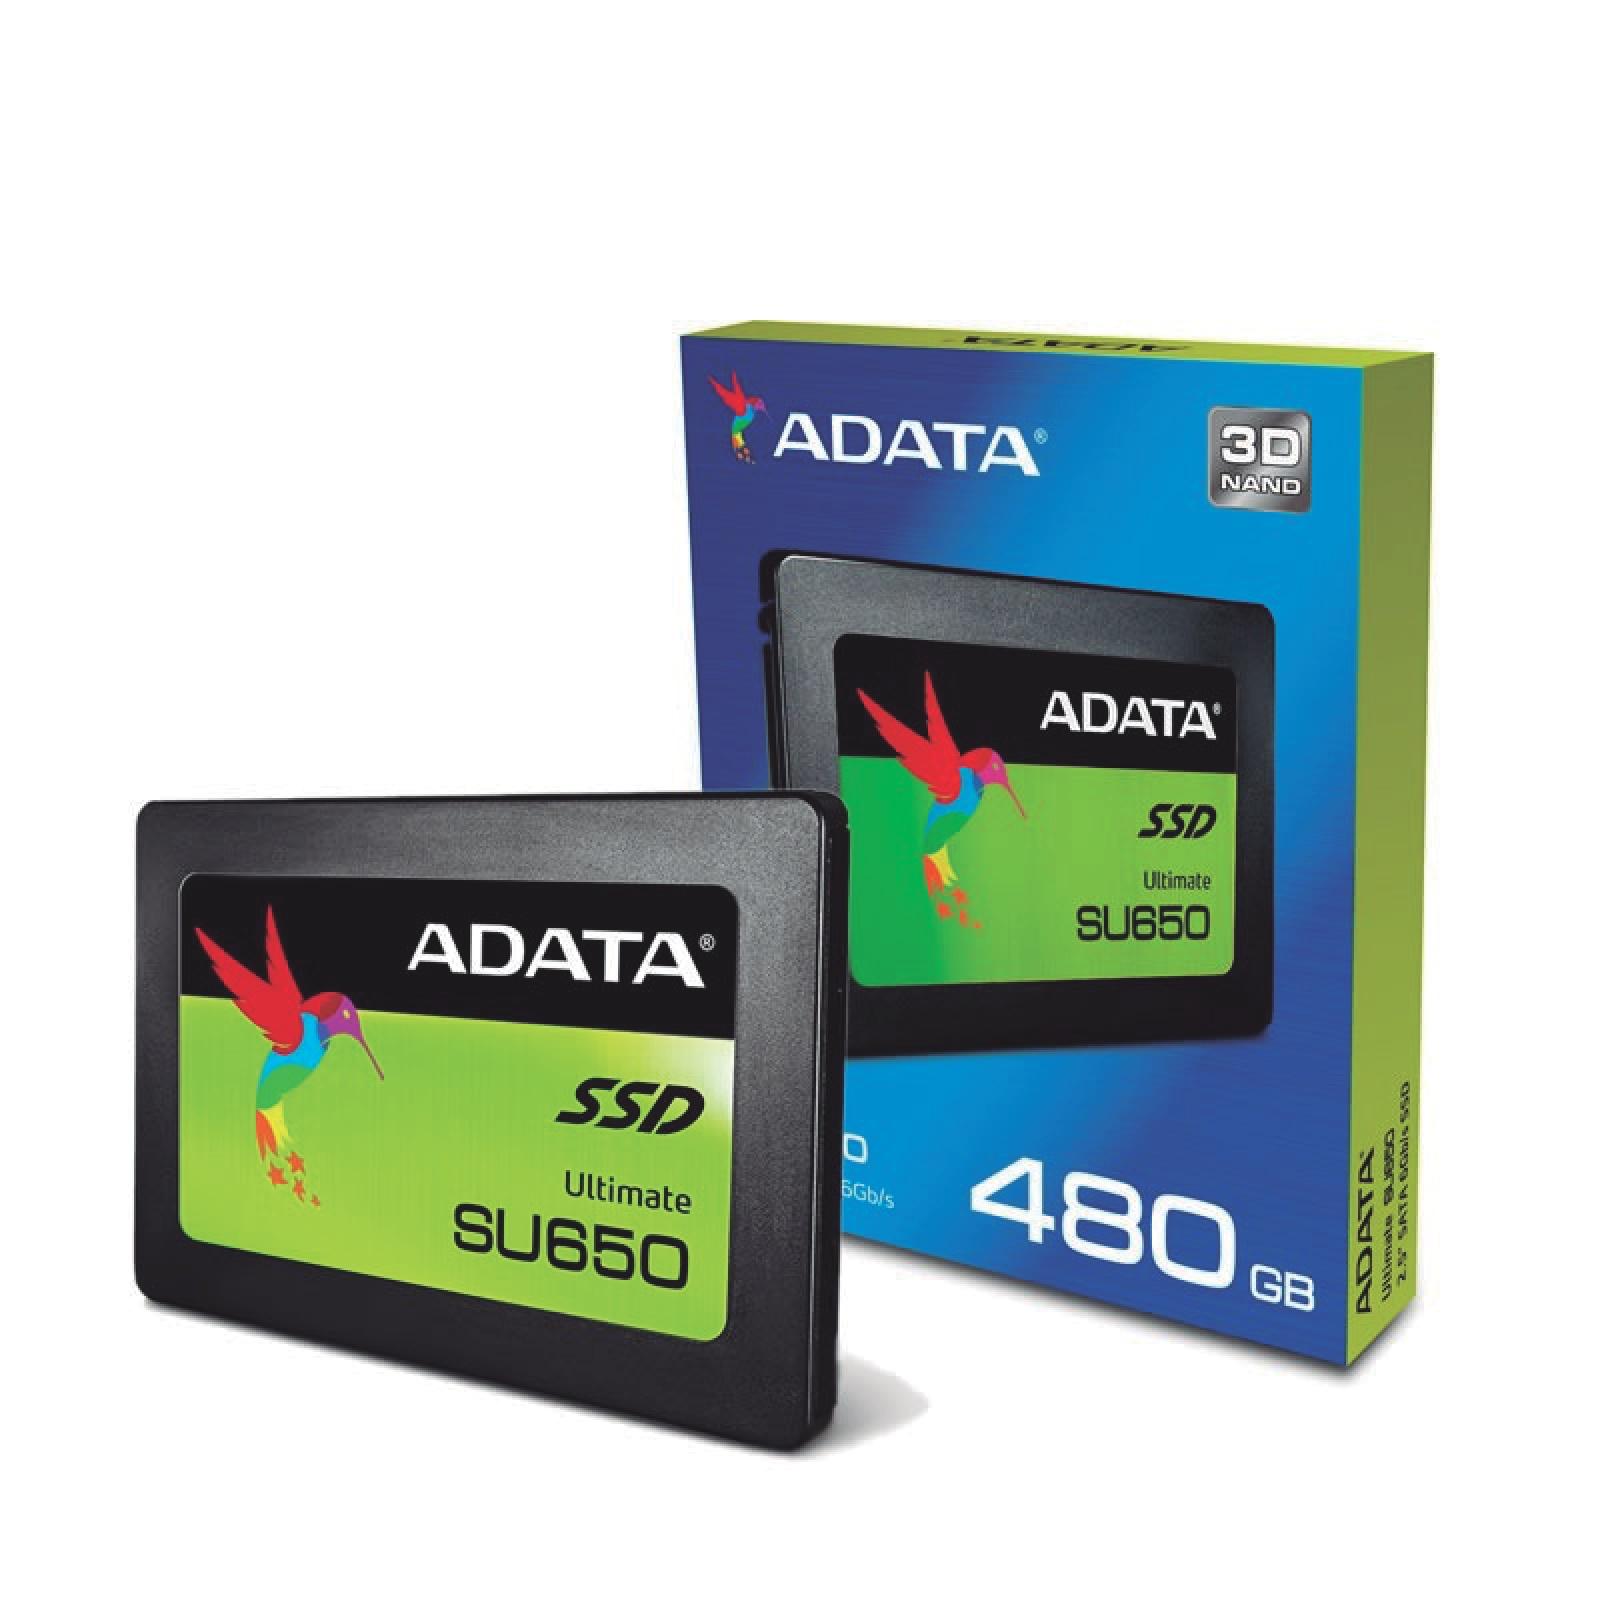 Unidad De Estado Sólido 480GB Su650 -Adata-